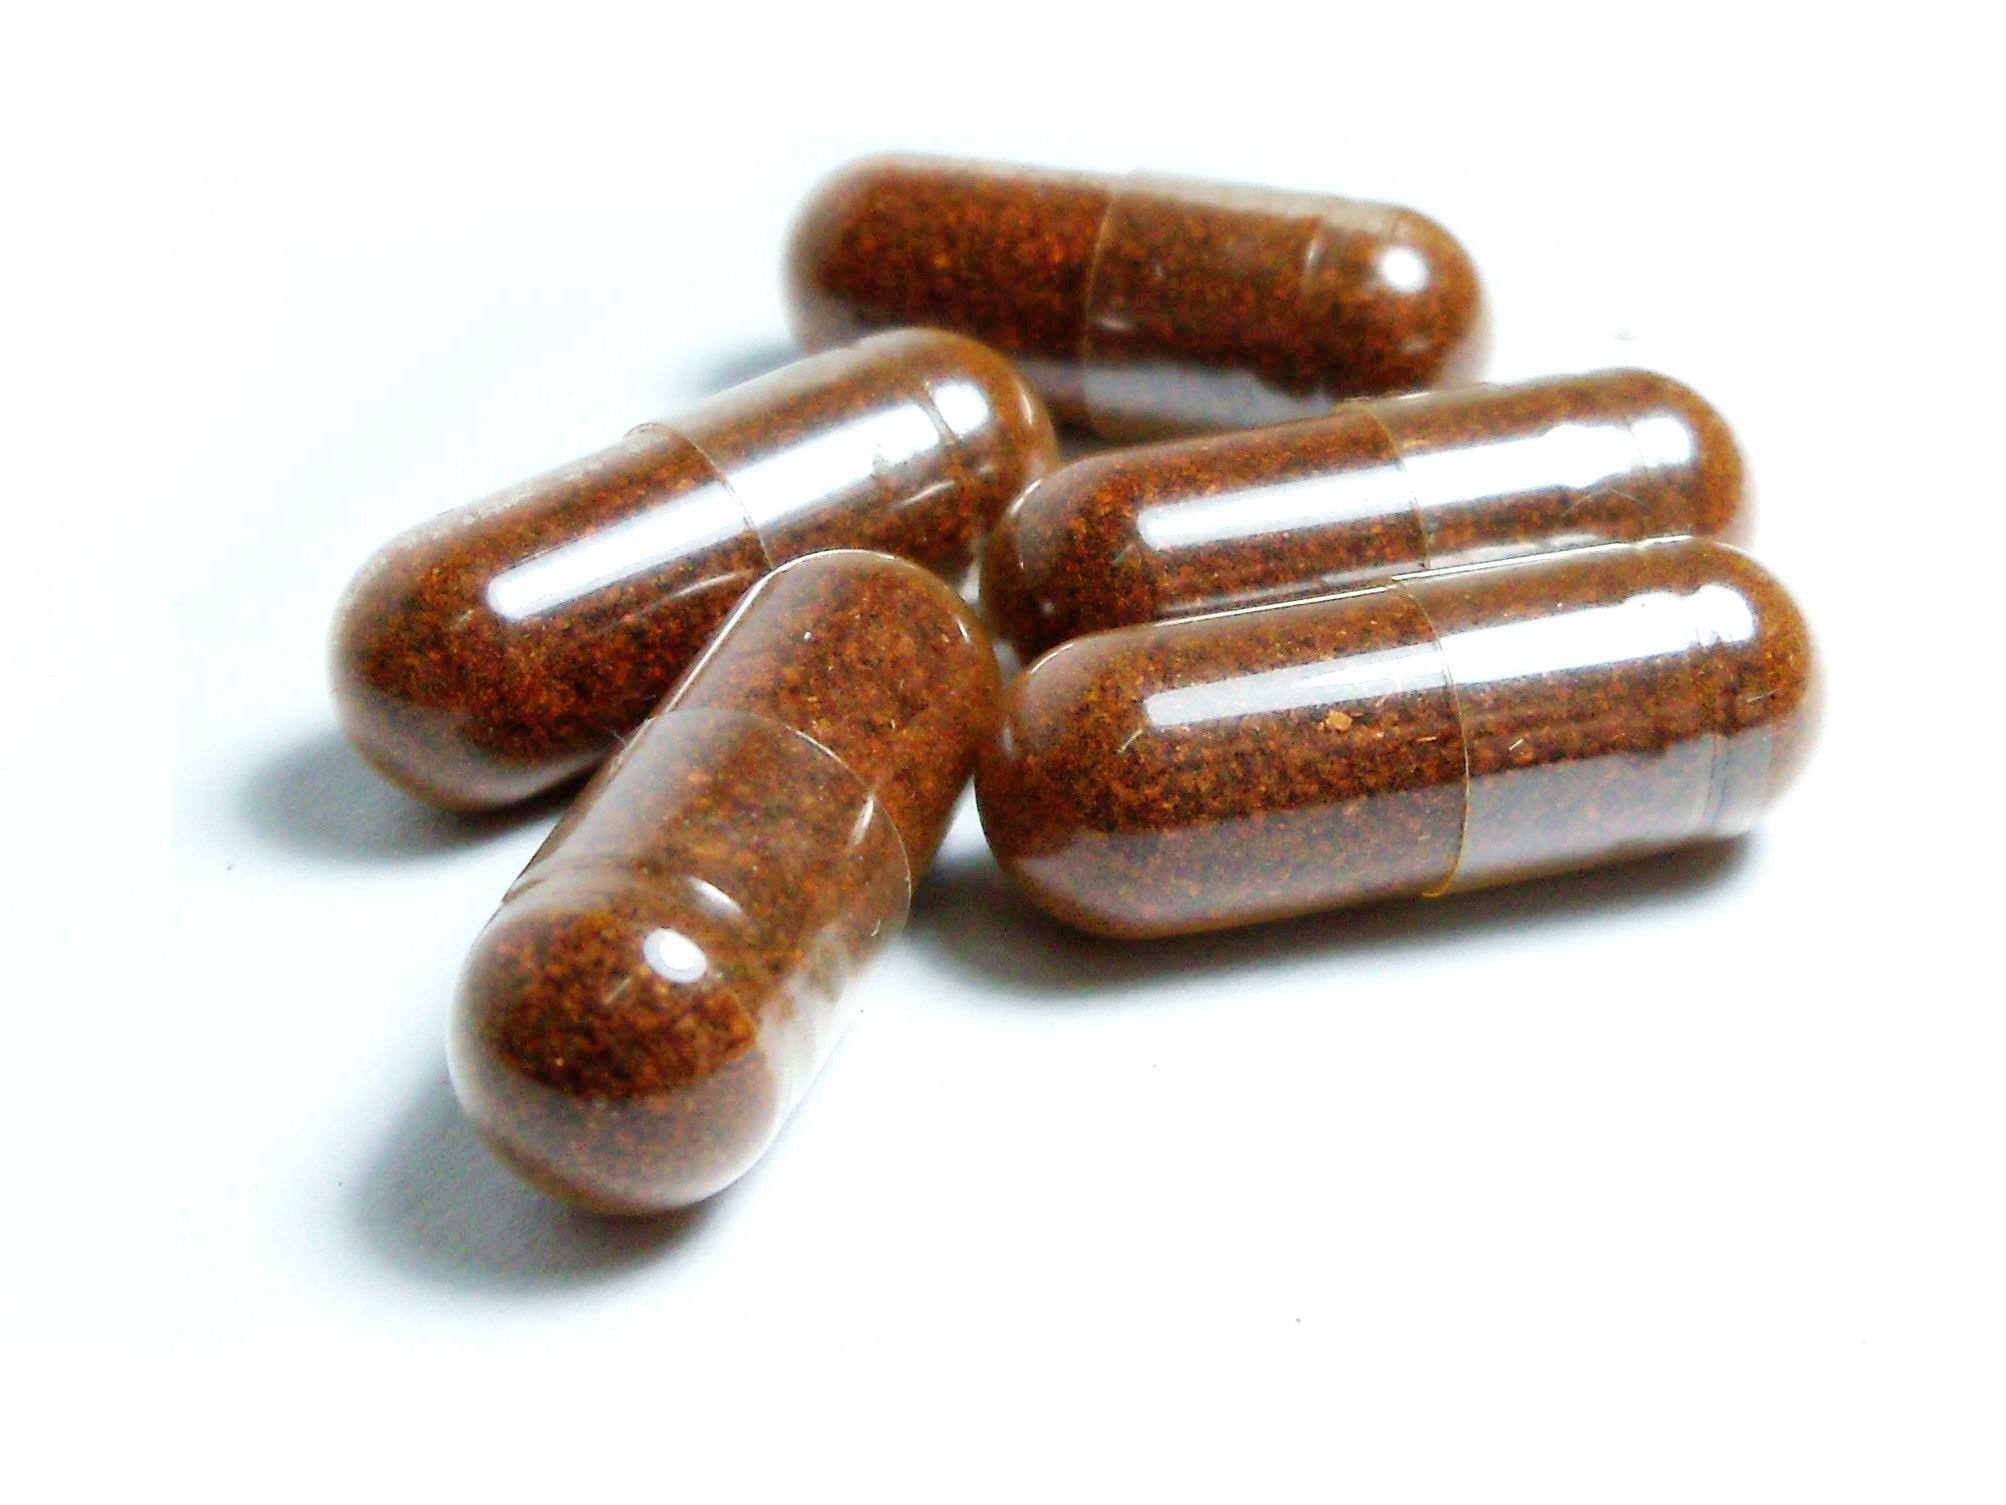 Aminoácidos – O que são e Para Que Servem os Aminoácidos